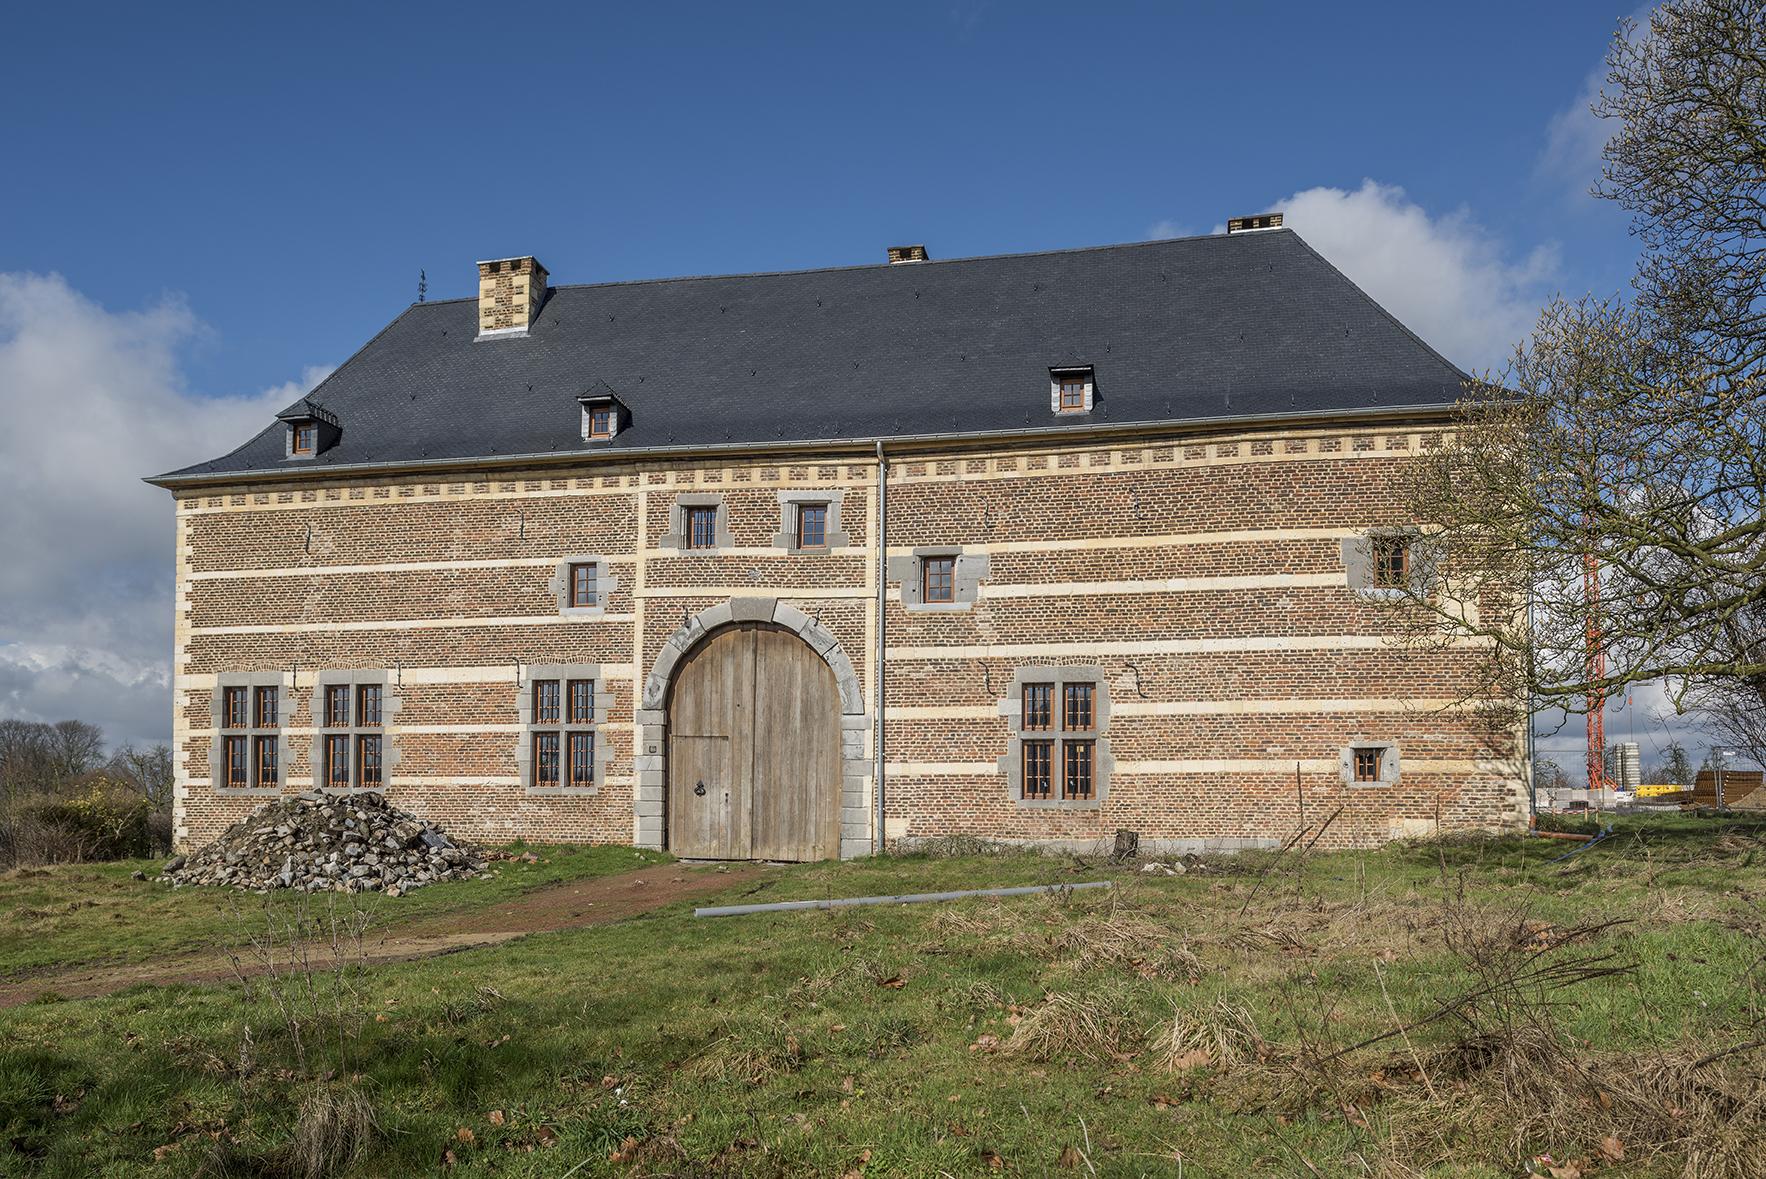 Rentmeesterij, Alden Biesen - Exterior.  009.jpg